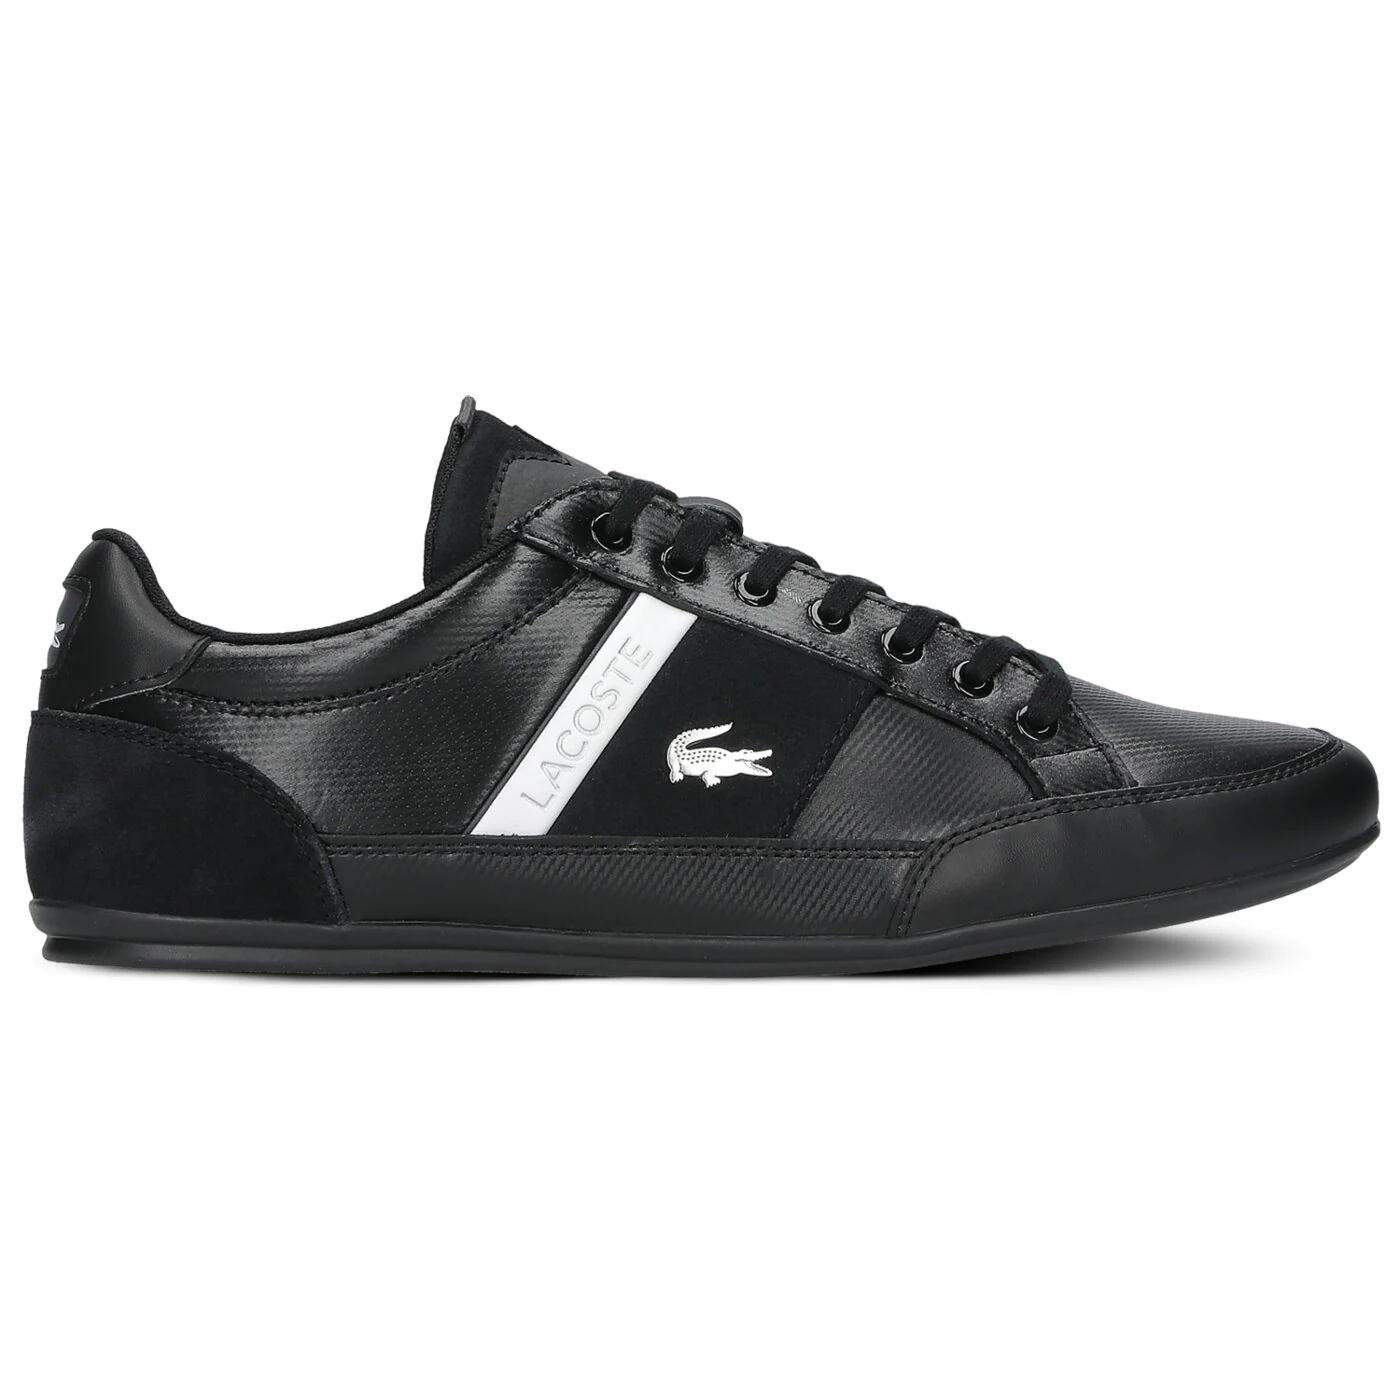 Lacoste Sneaker Chaymon Sneaker schwarz weiß